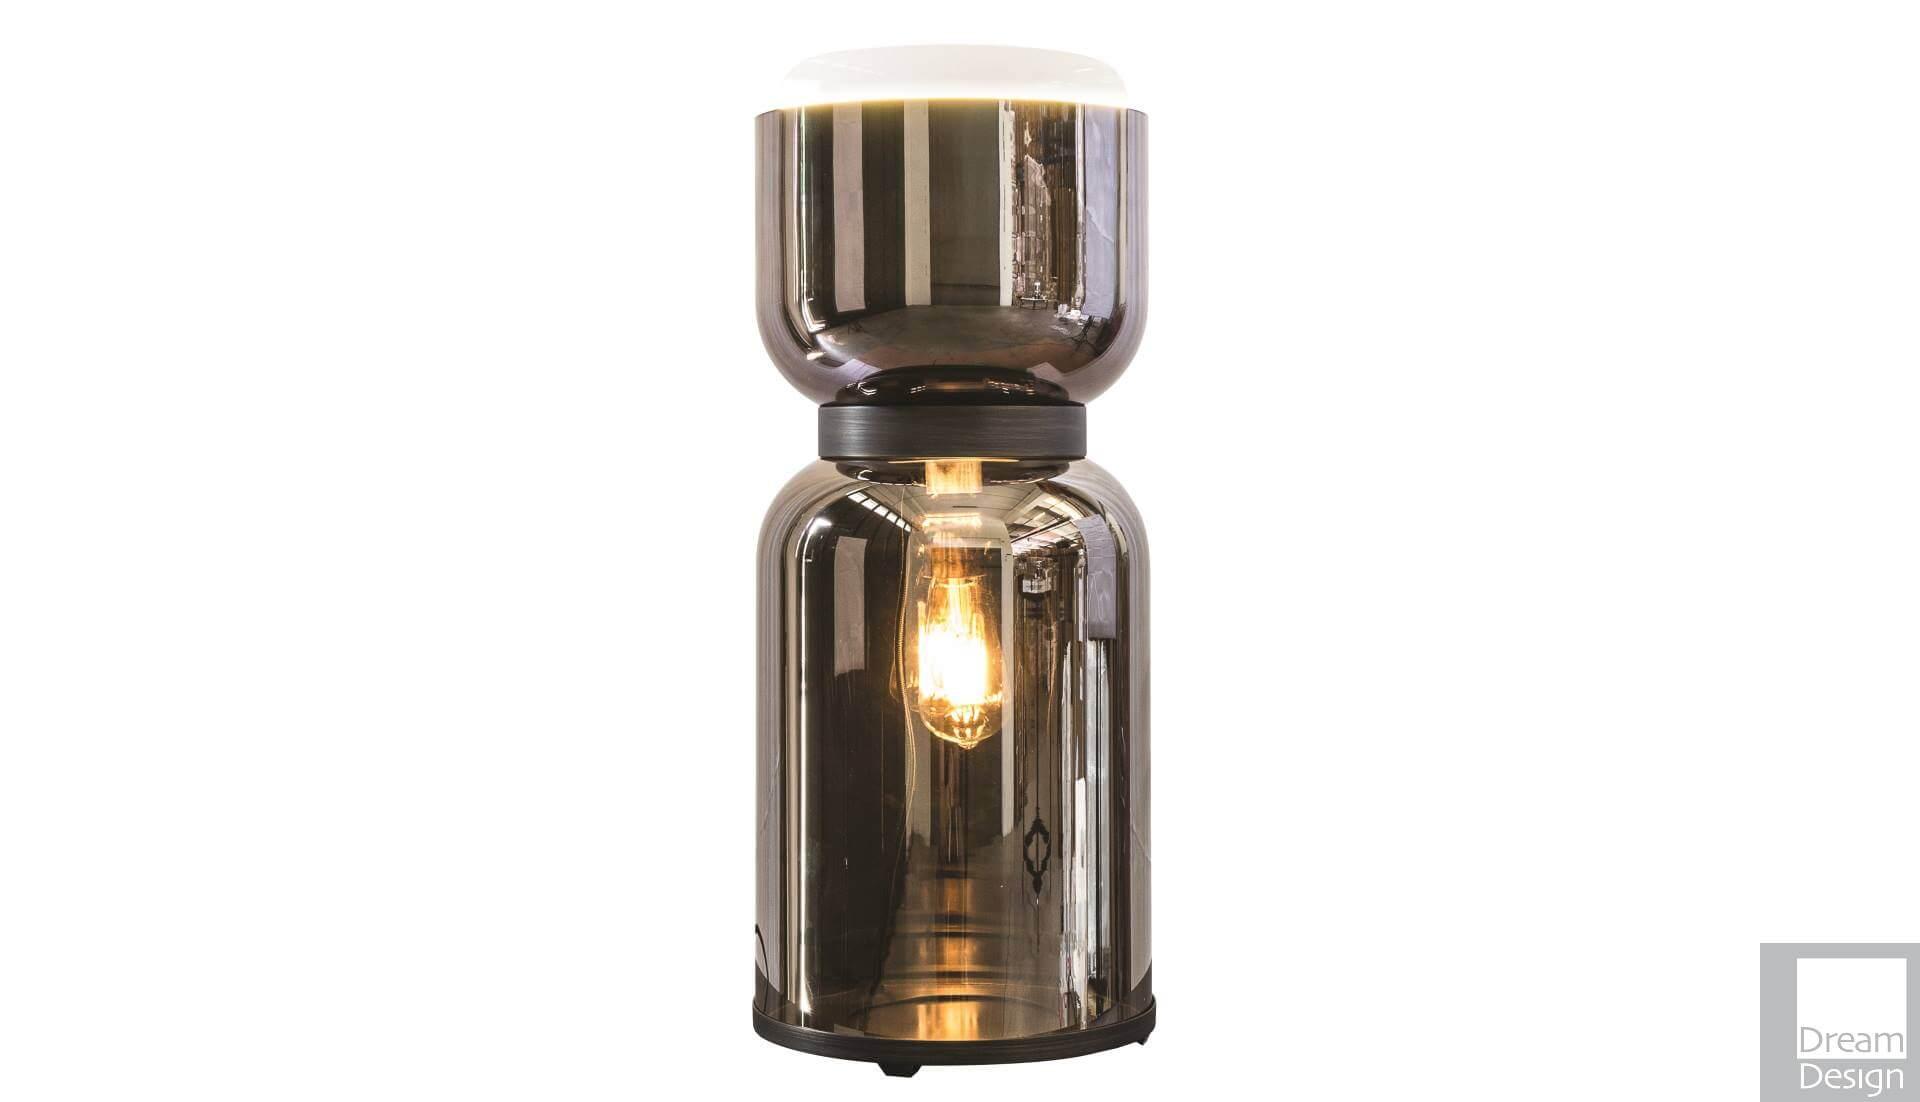 Contardi Clessidra Kayros Light